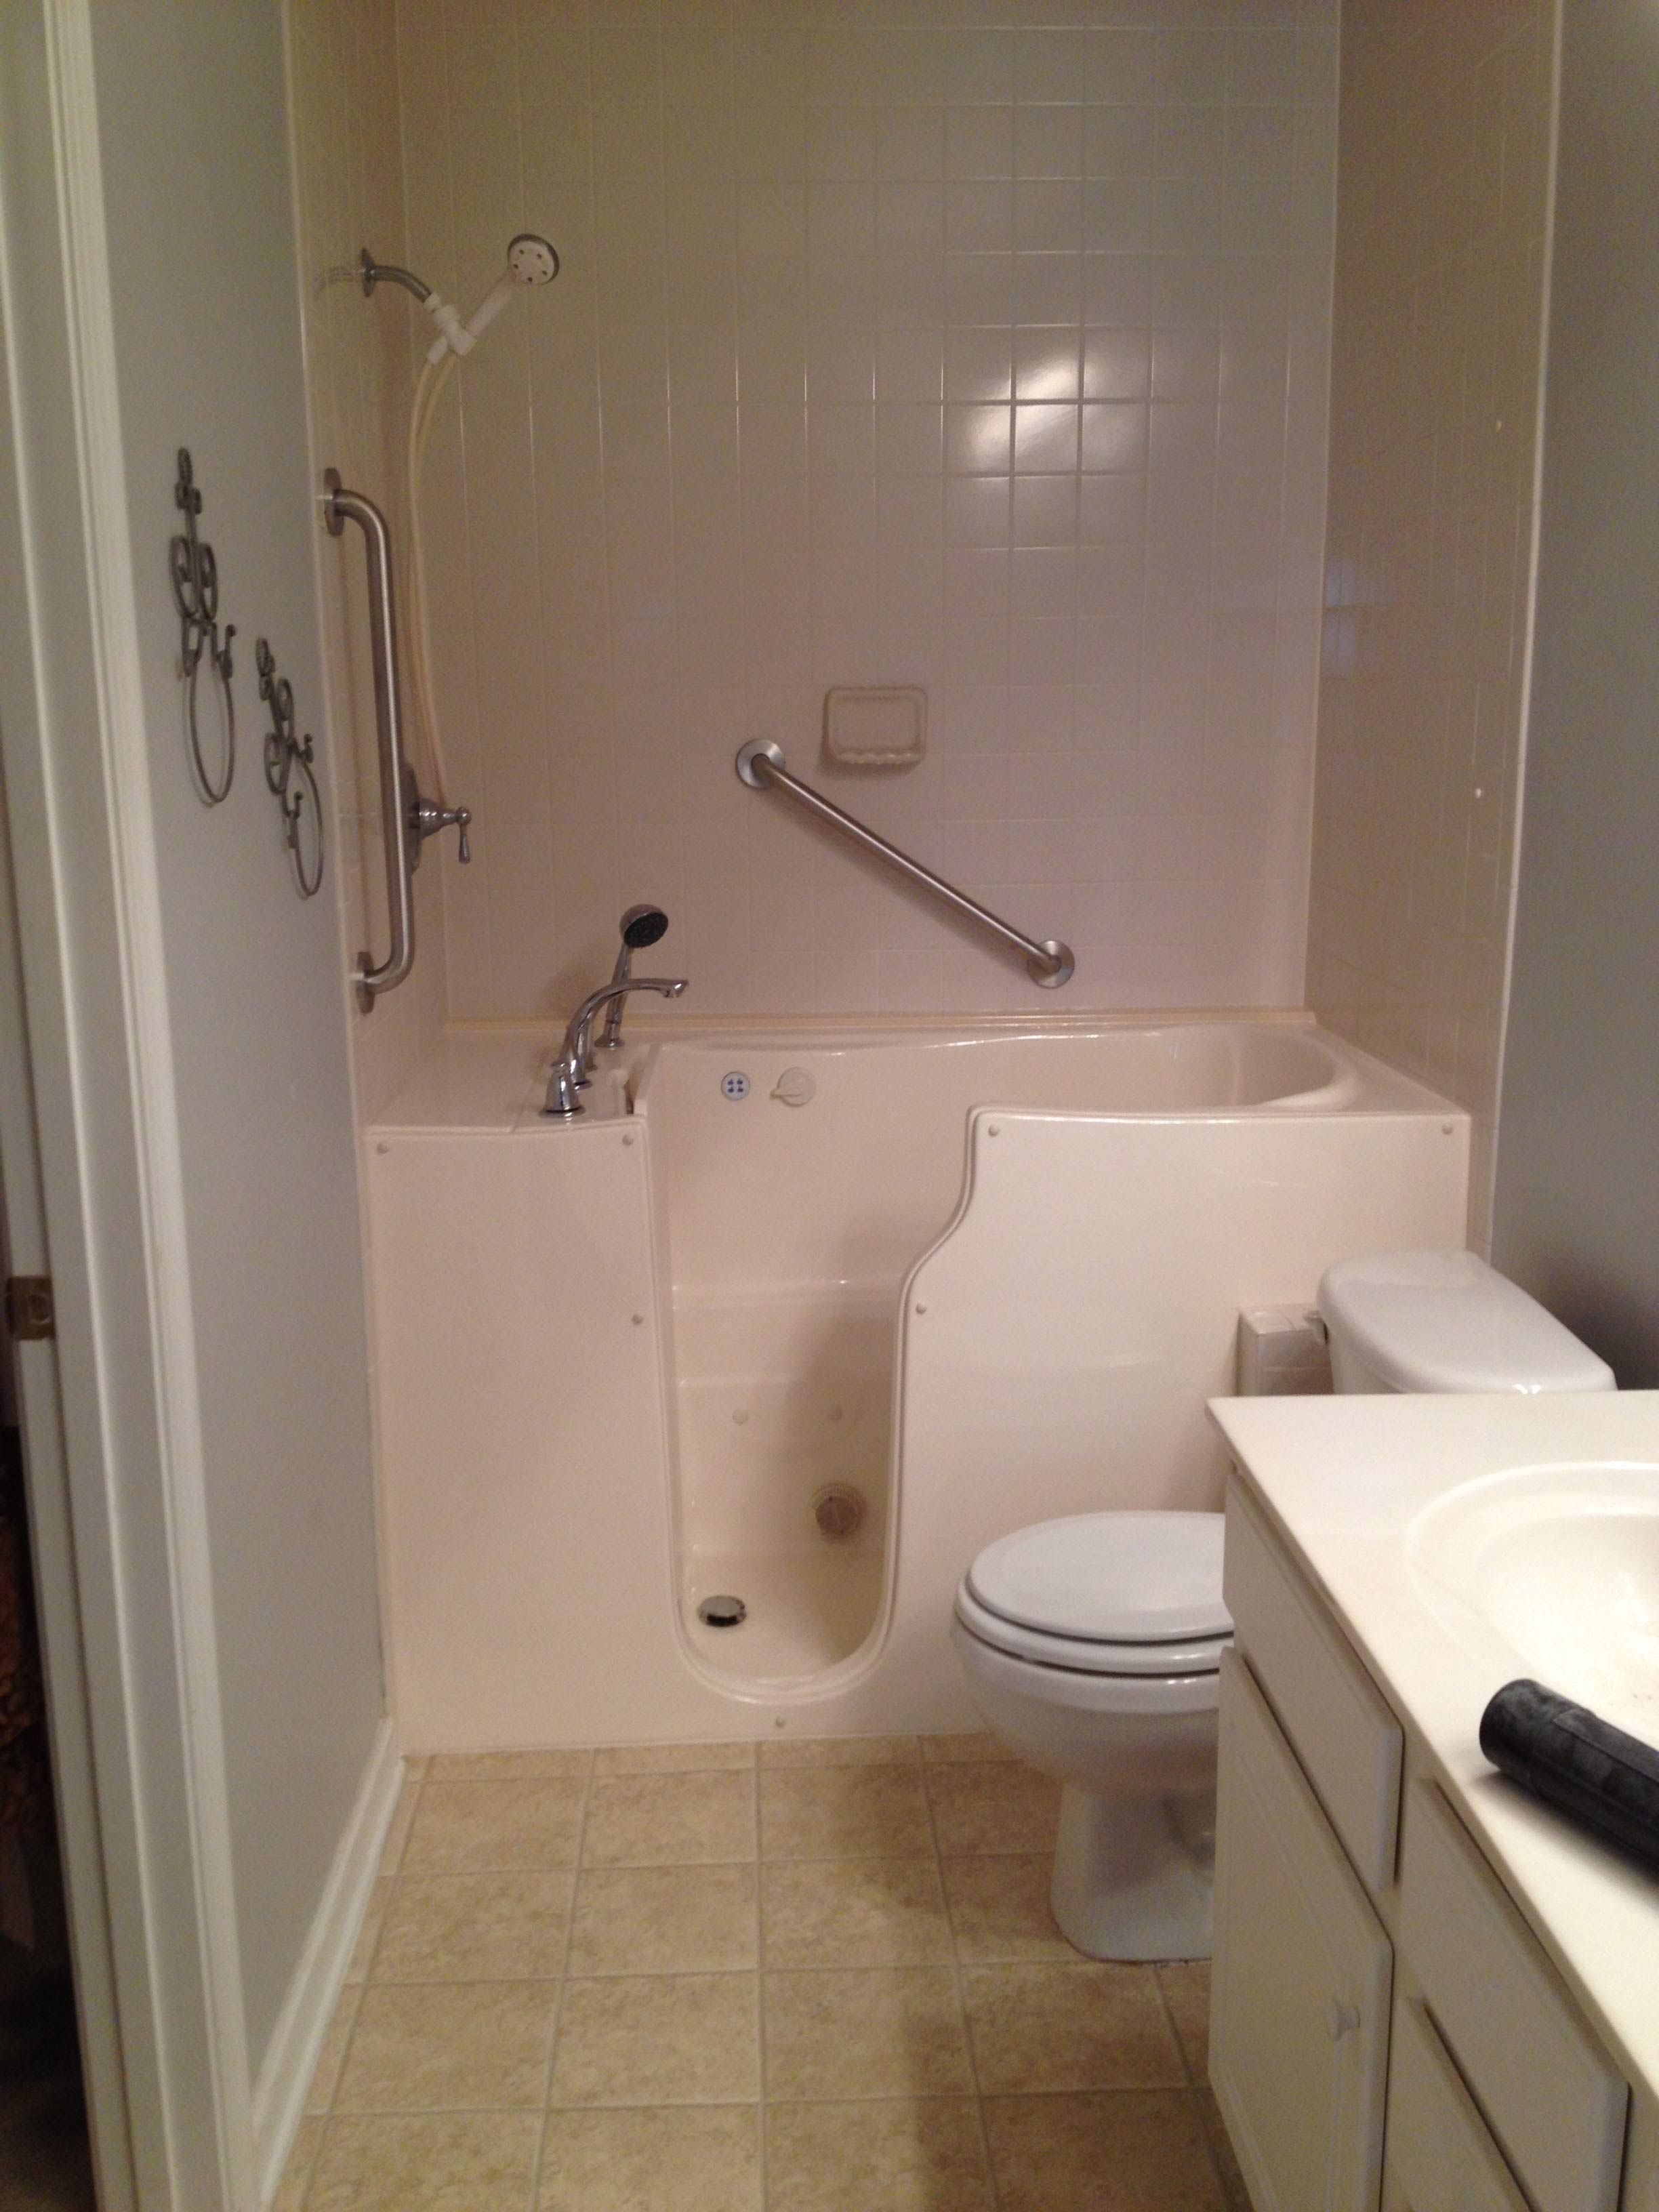 Wannenbad Vs Dusche Gesundheit Die Bader Statt Duschen Ist Es Besser Nehmen Sie Ein Bad Oder Dusche Nehmen Kleines Bad Badewanne Badezimmer Ebenerdige Dusche